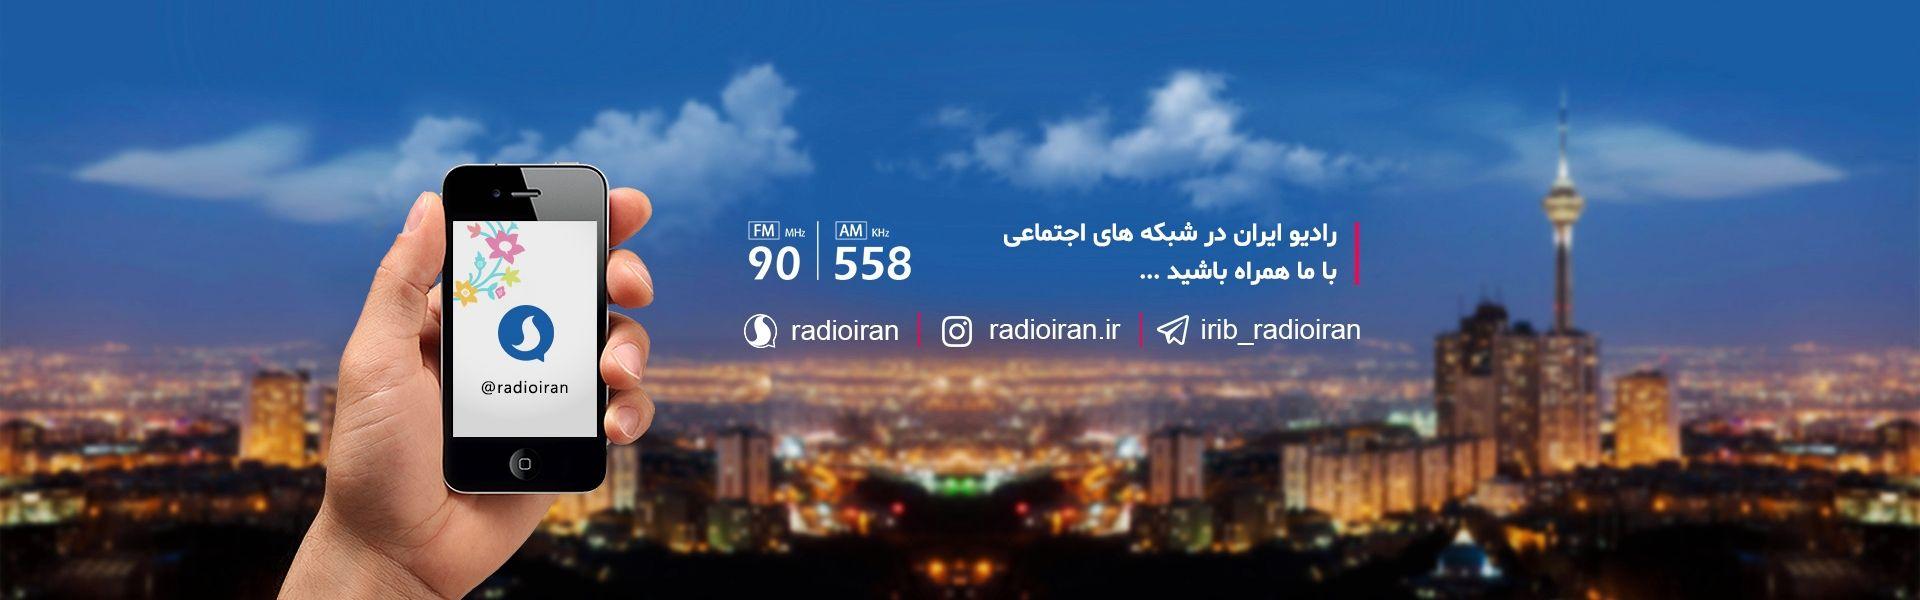 وب سایت رادیو ایران